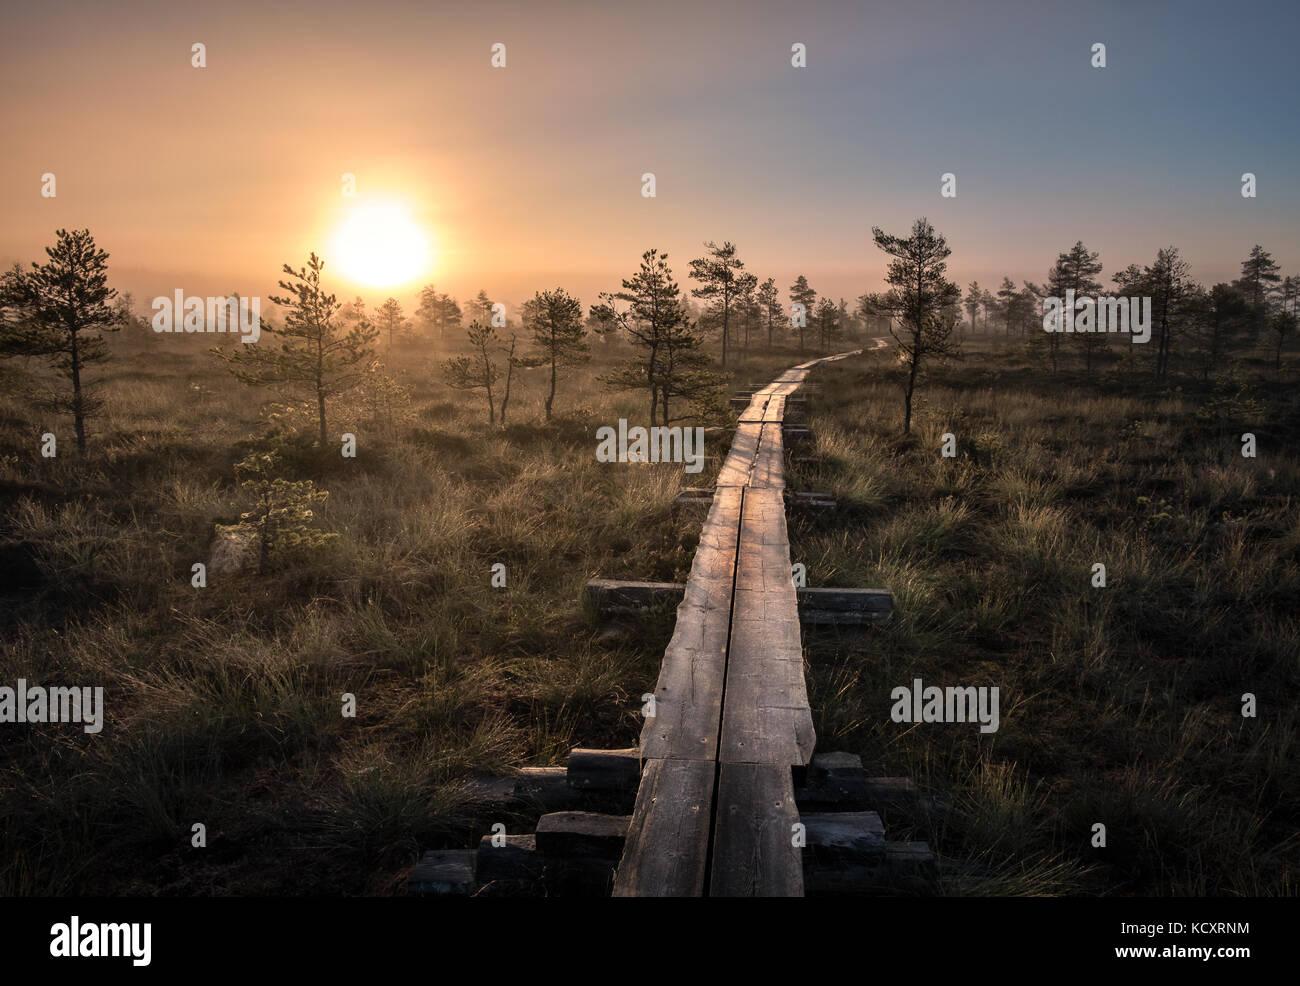 Vista panorámica del pantano de madera con ruta en la mañana de otoño en el parque nacional torronsuo, Imagen De Stock